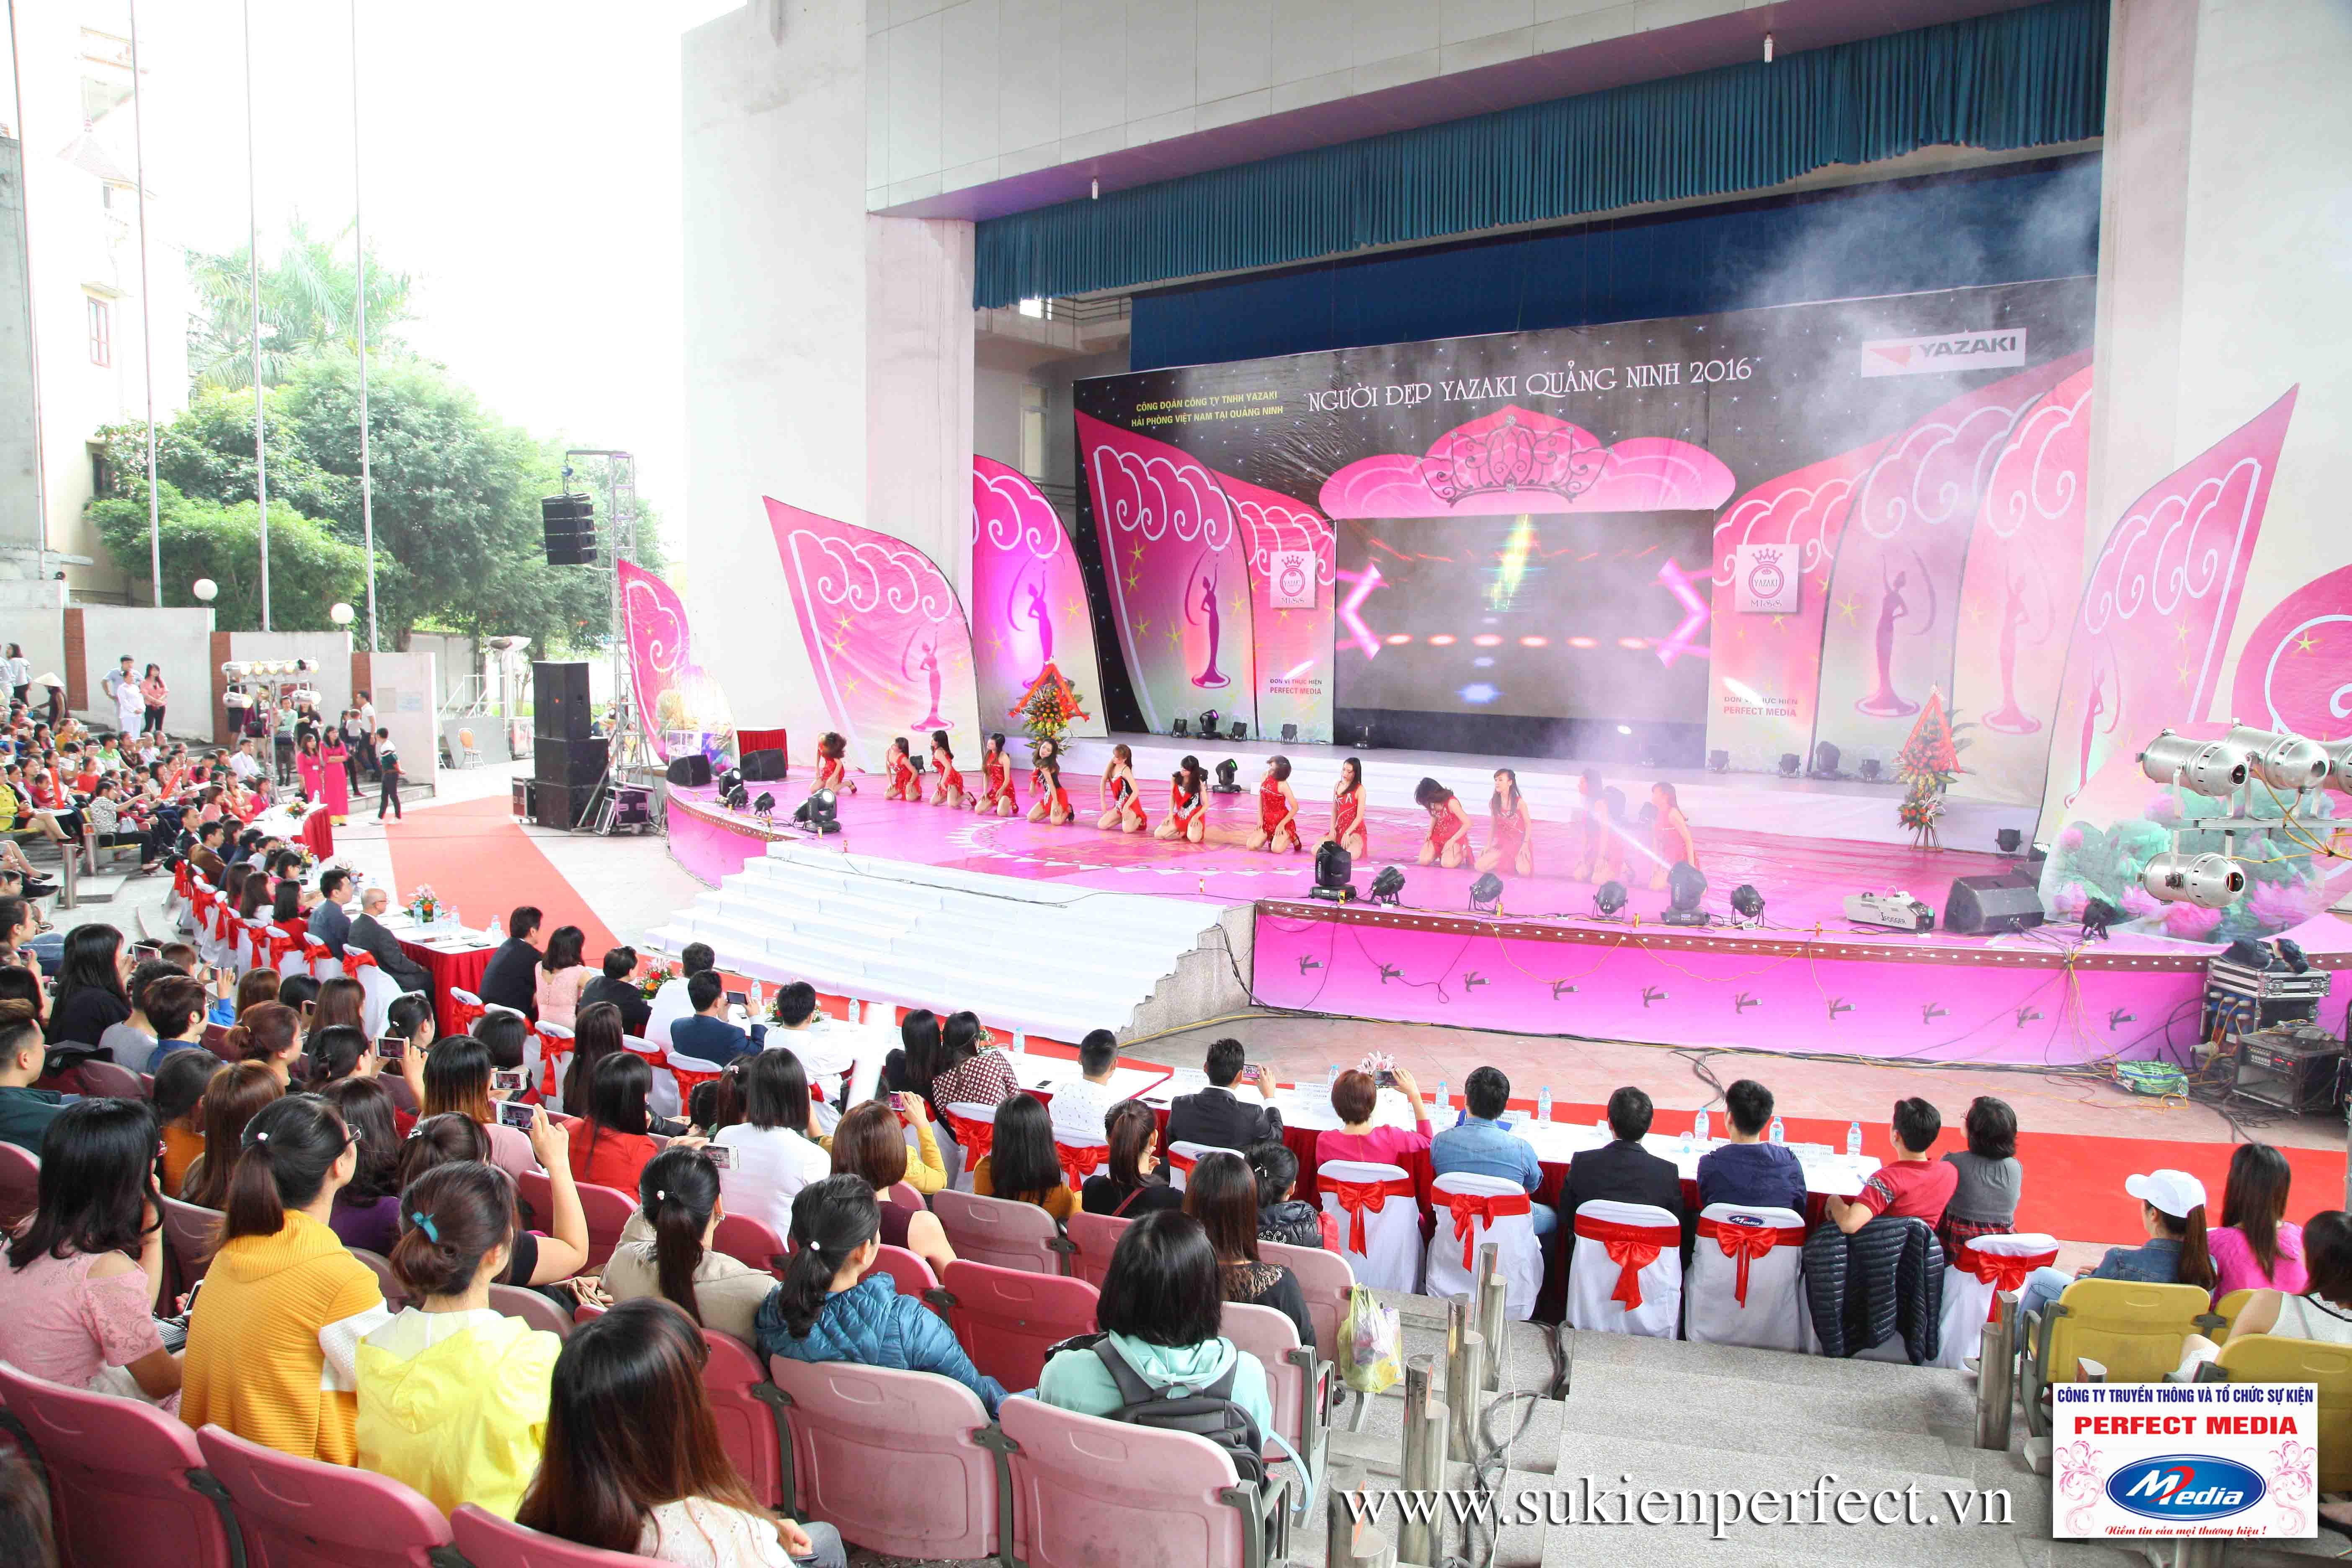 Không khí cuộc thi Người đẹp Yazaki Quảng Ninh 2016 (Hình thể)